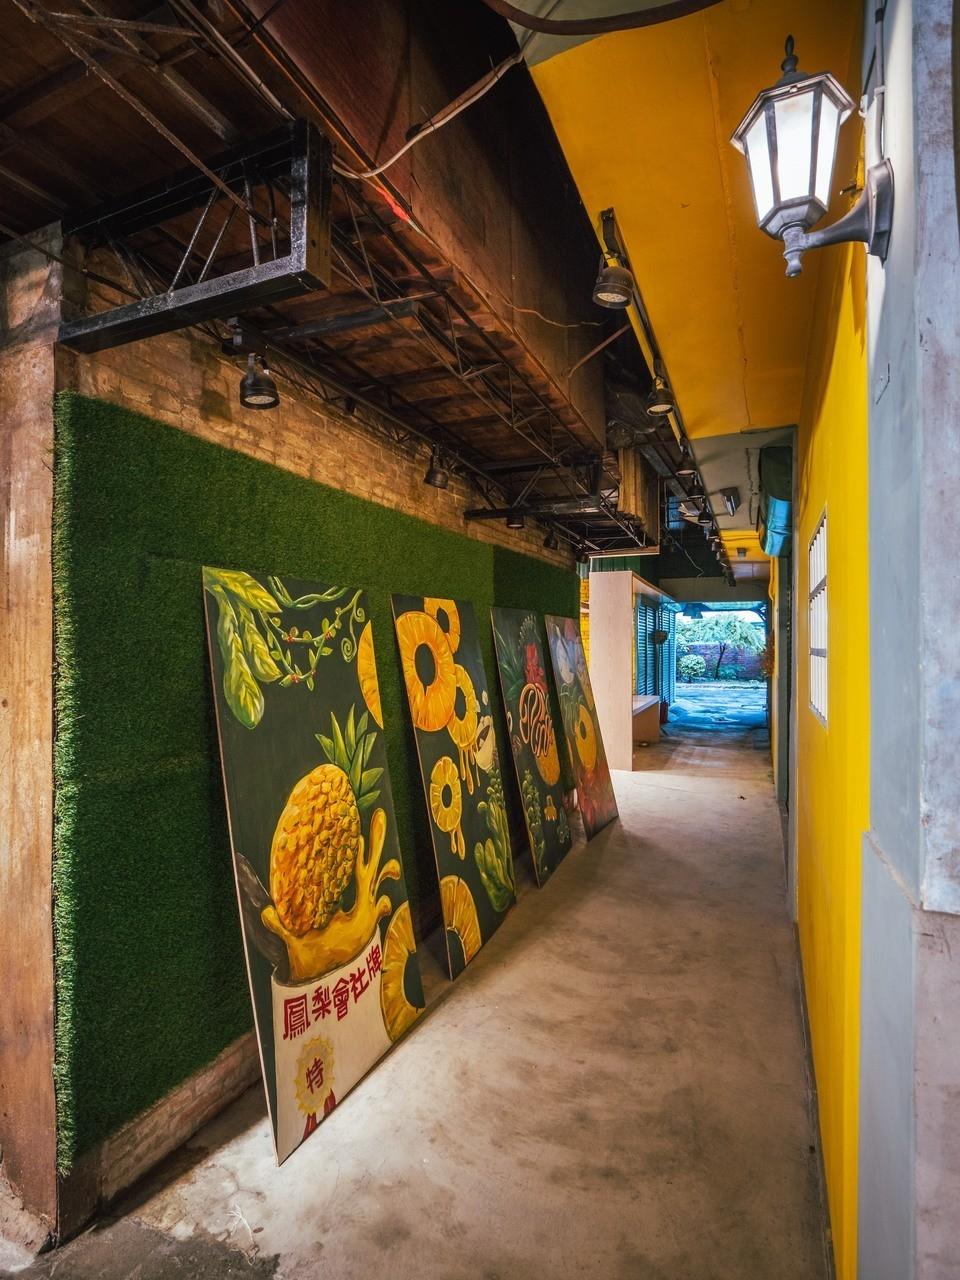 Nanolucky小福砌空間設計-鳳梨會社4.0-商空設計-社區再造-仁愛市場再生